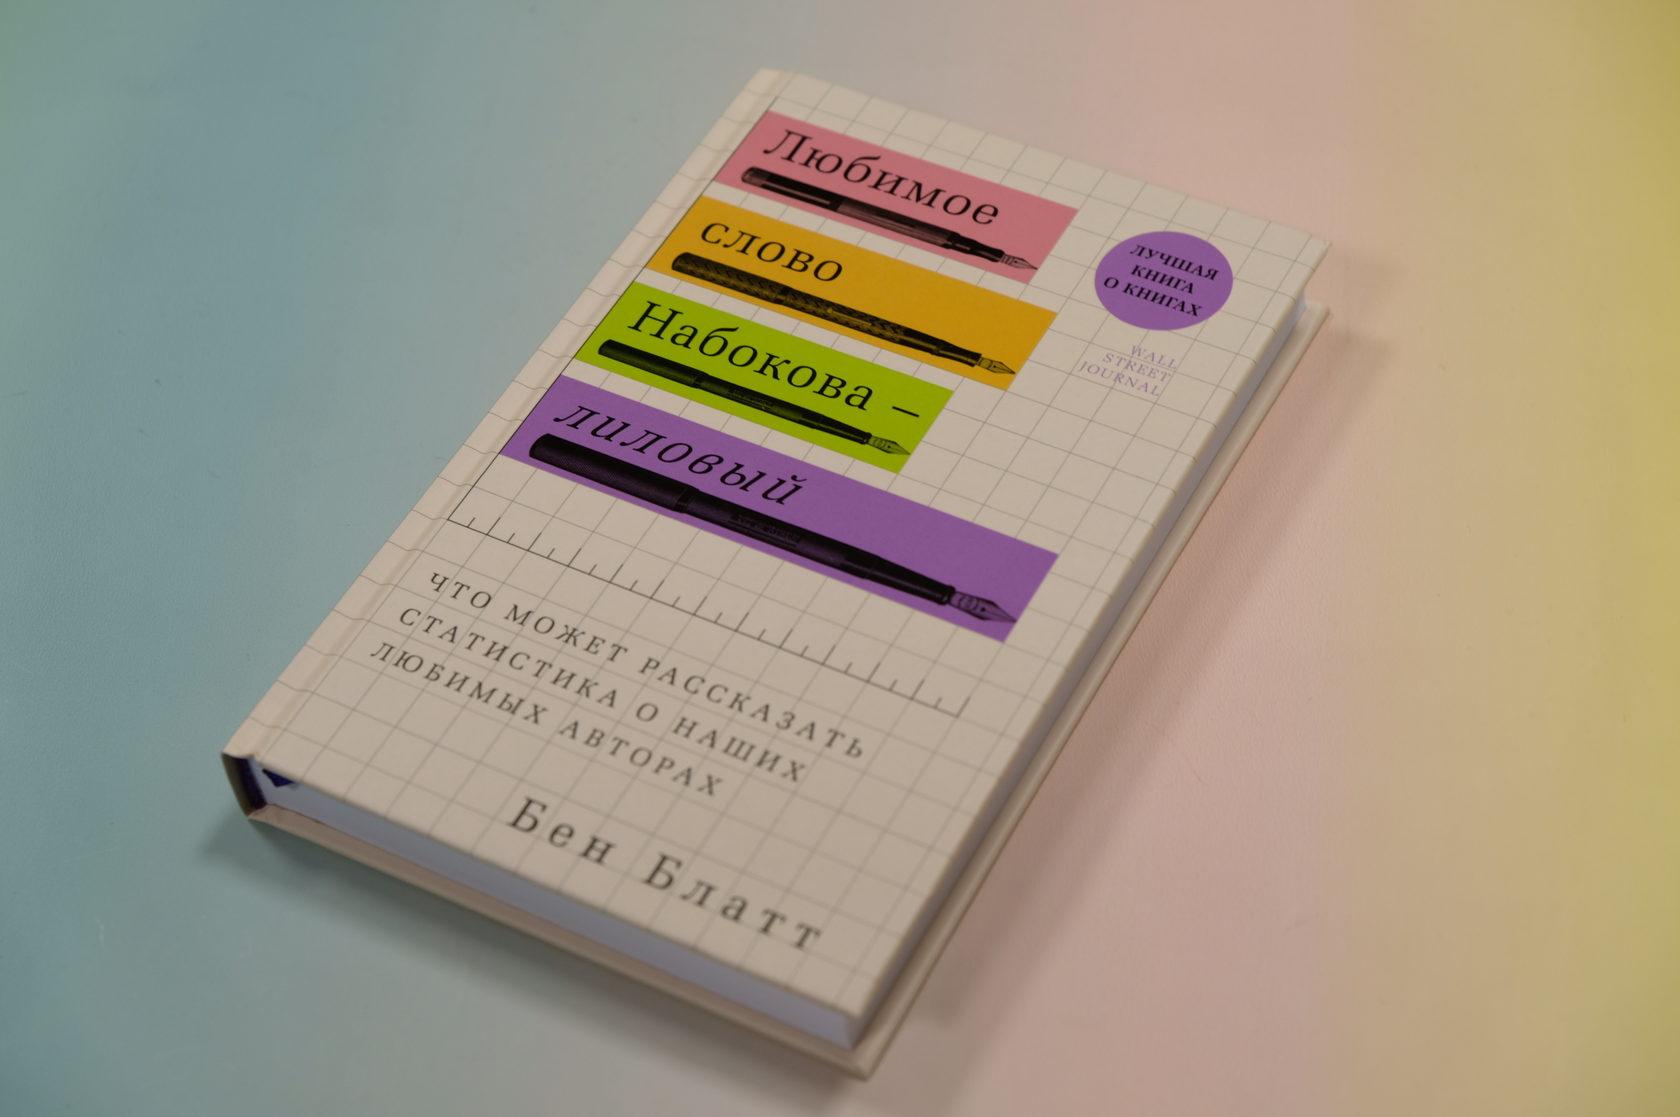 Бен Блатт «Любимое слово Набокова — лиловый. Что может рассказать статистика о наших любимых авторах»